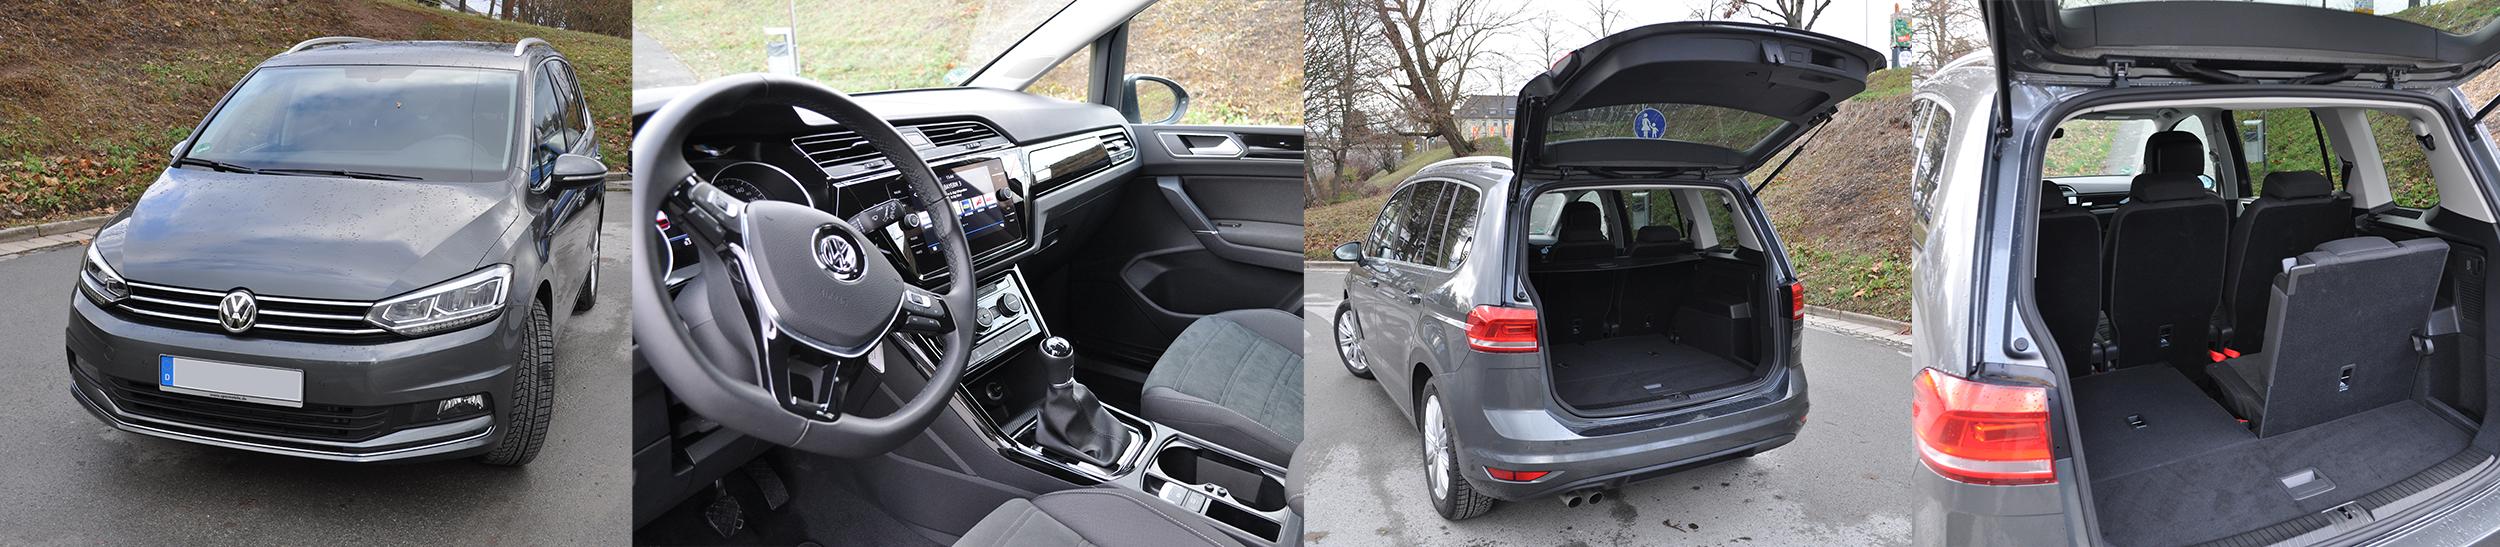 VW-Touran-2018-Ausstattung